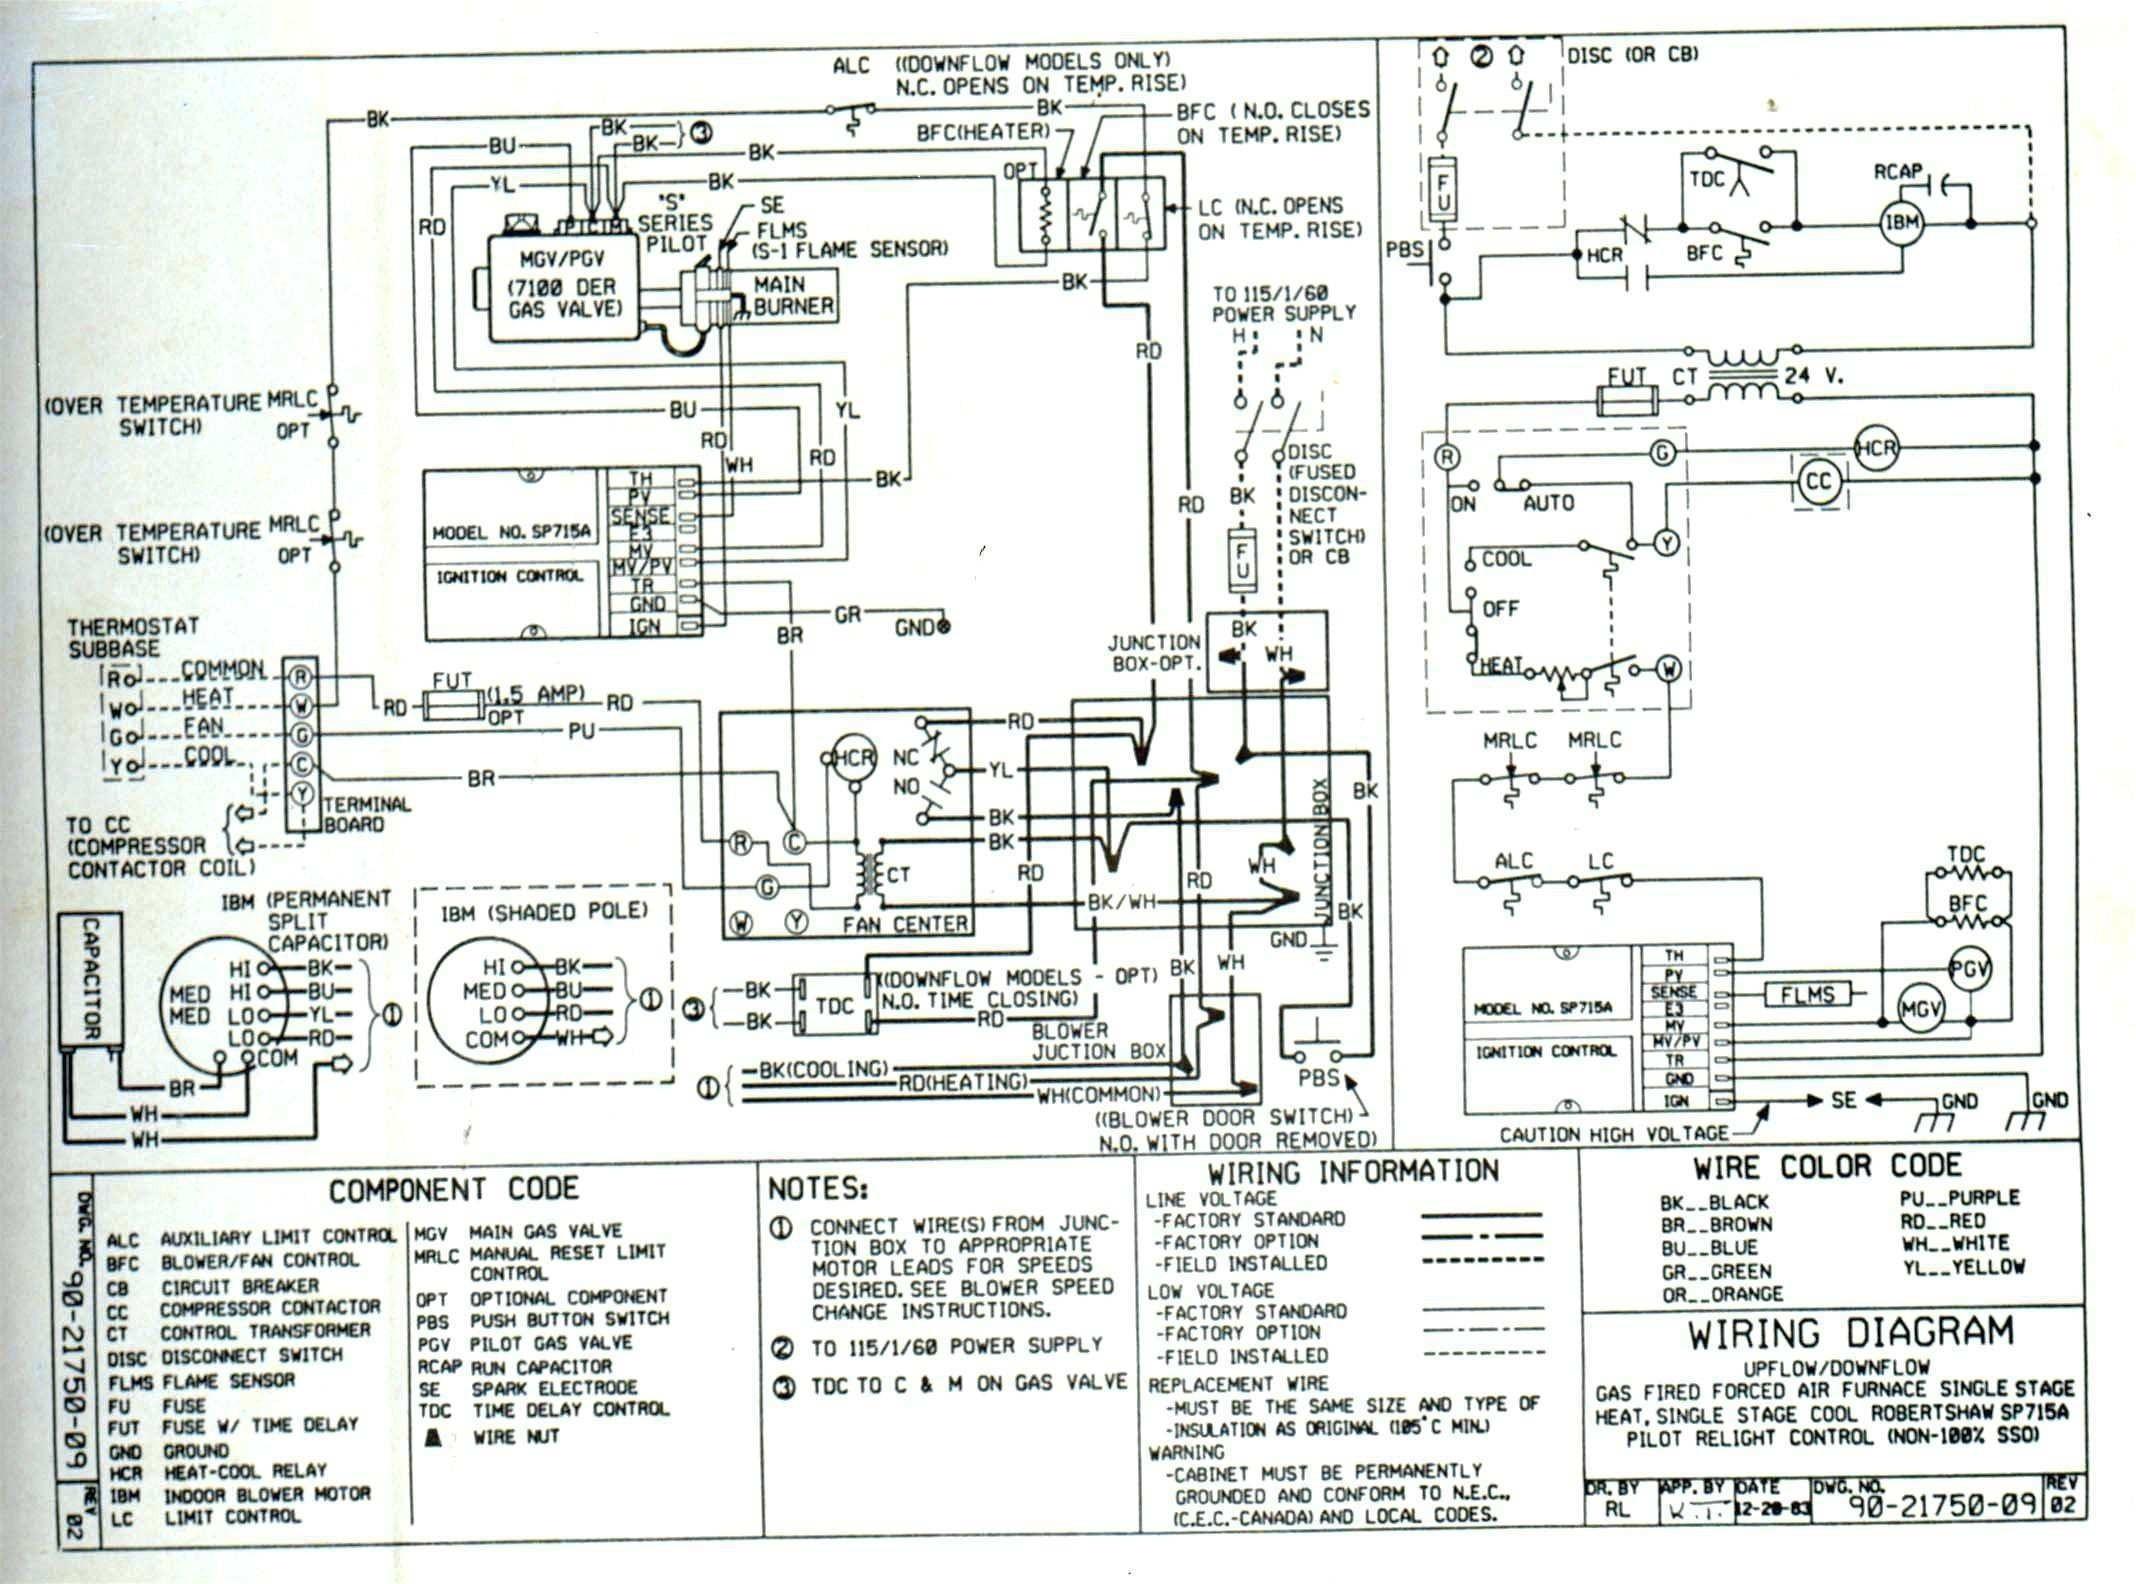 nema motor starter wiring diagram u2013 tangerinepanic com